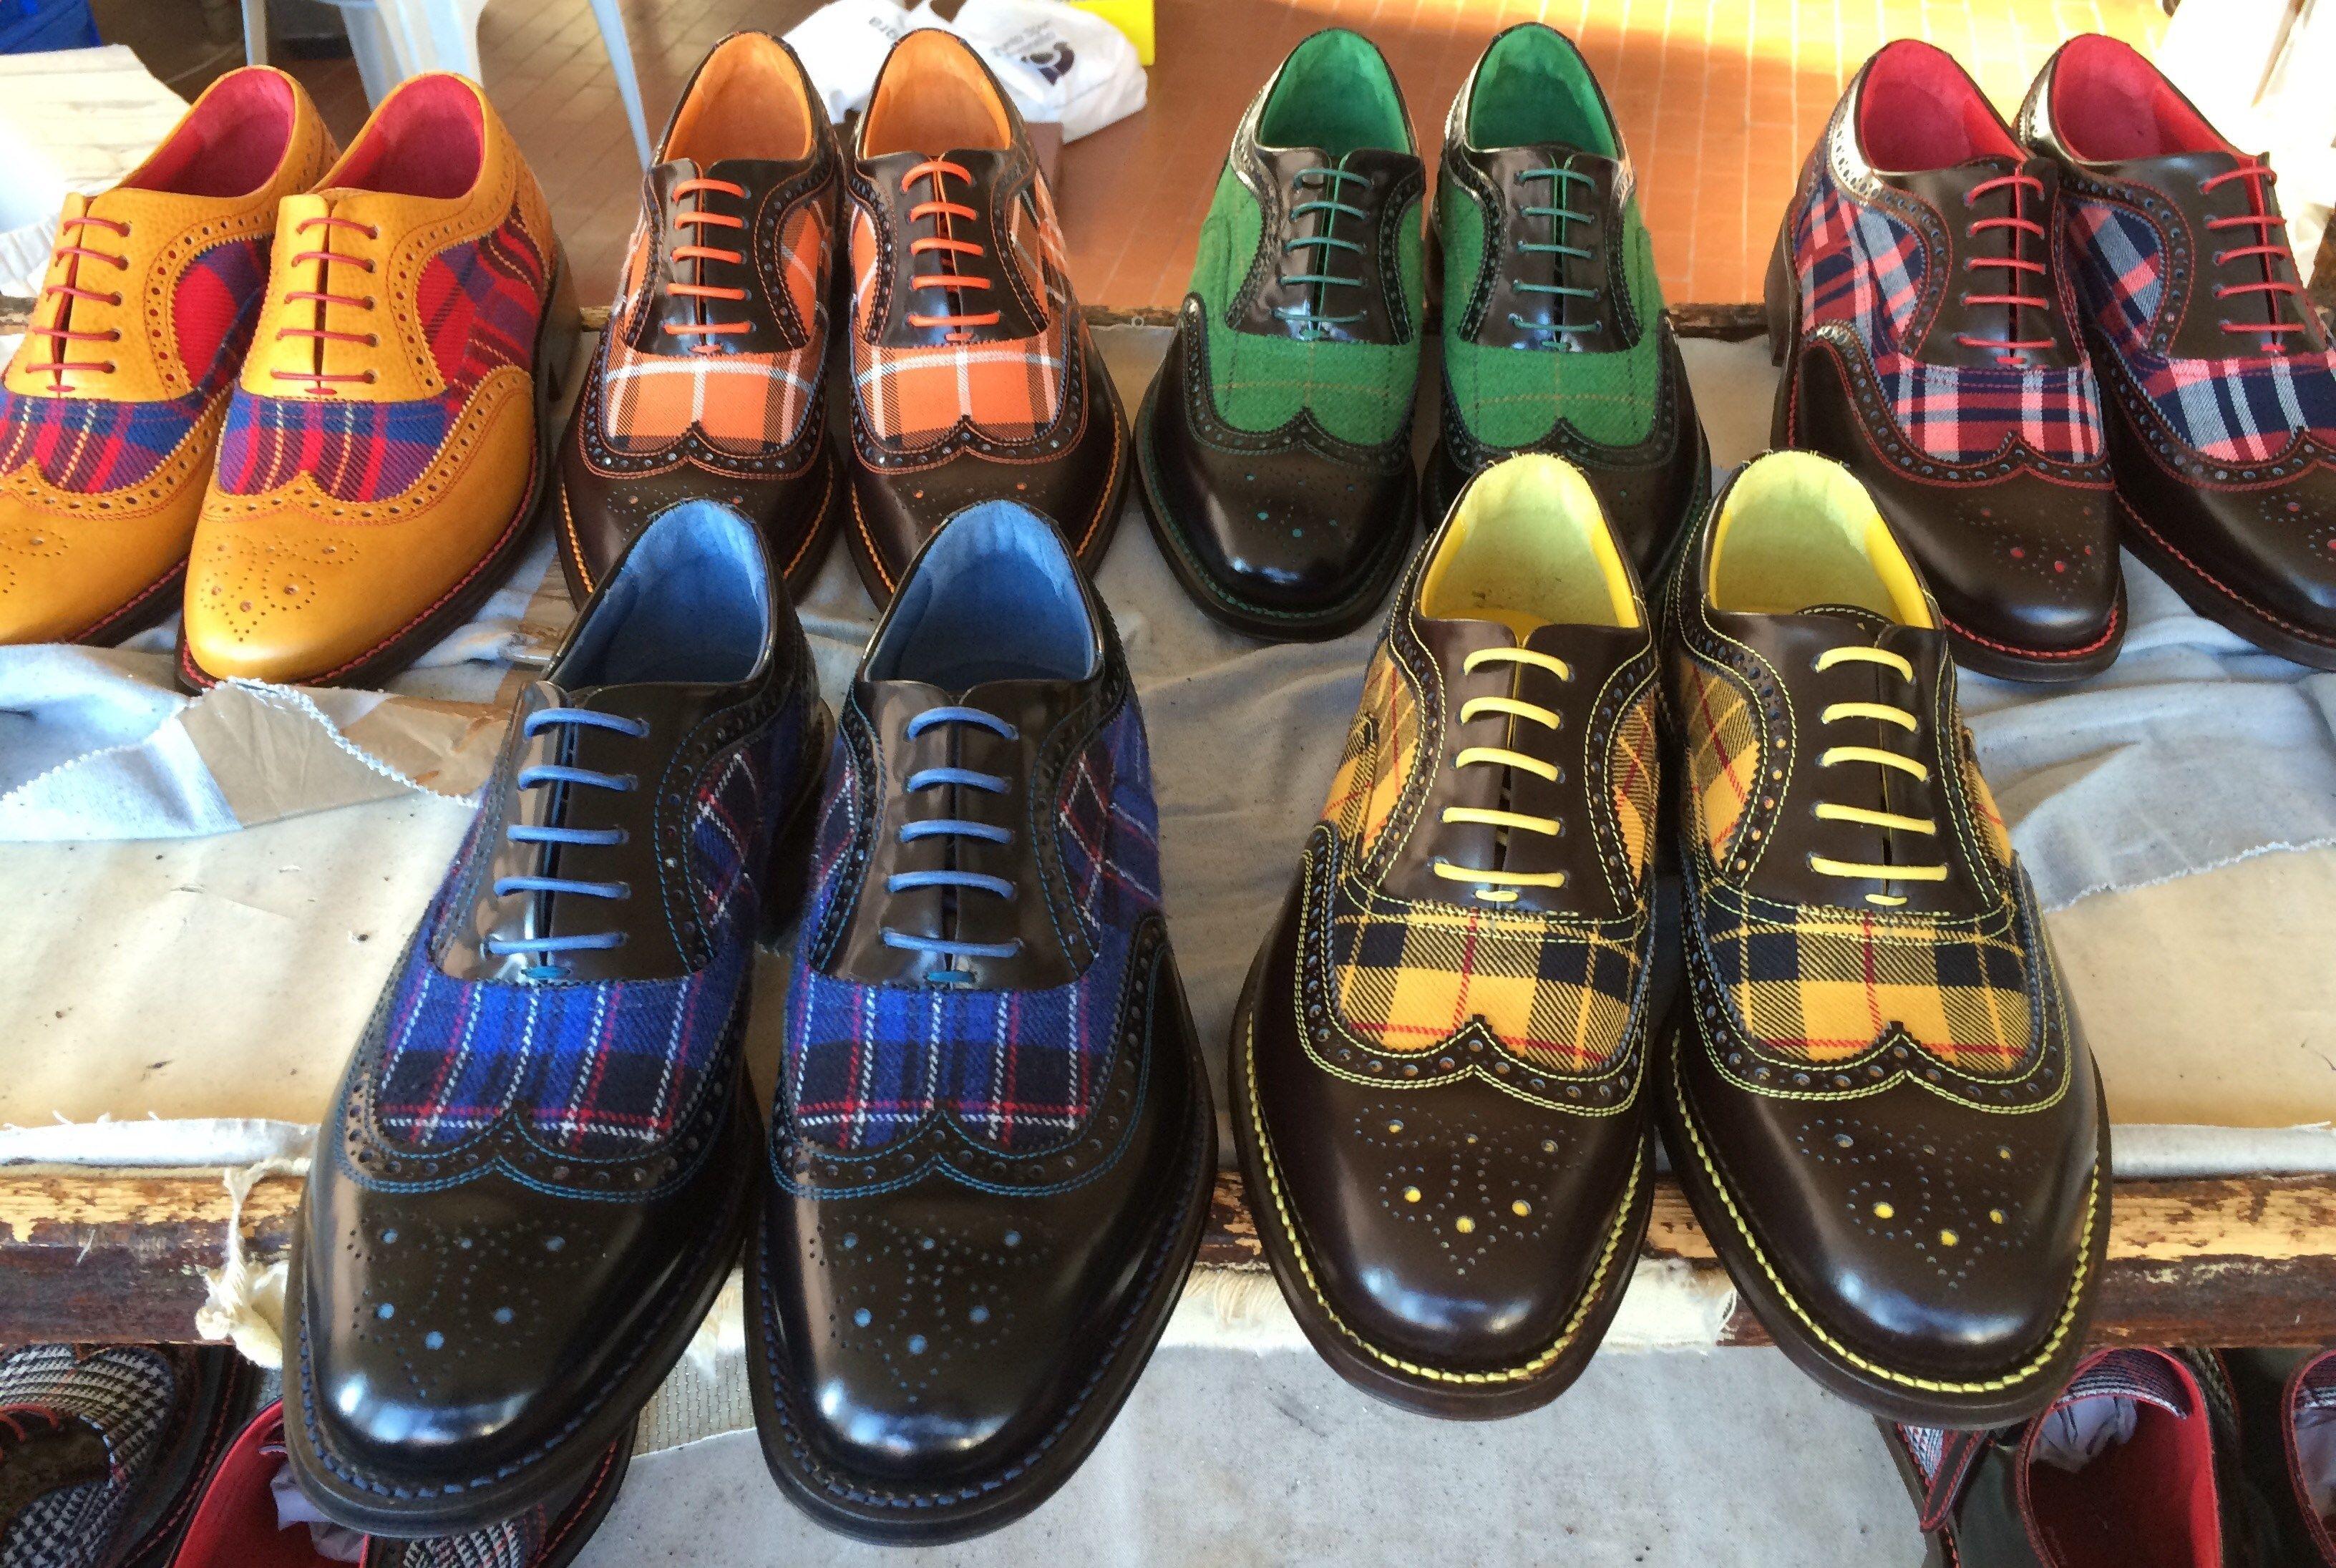 Golf Shoes - #Raimondi #raimondigolfshoes #golf #shoes #golfshoes #italianstyle #handmadeinitaly #italy #originali #madeinitaly